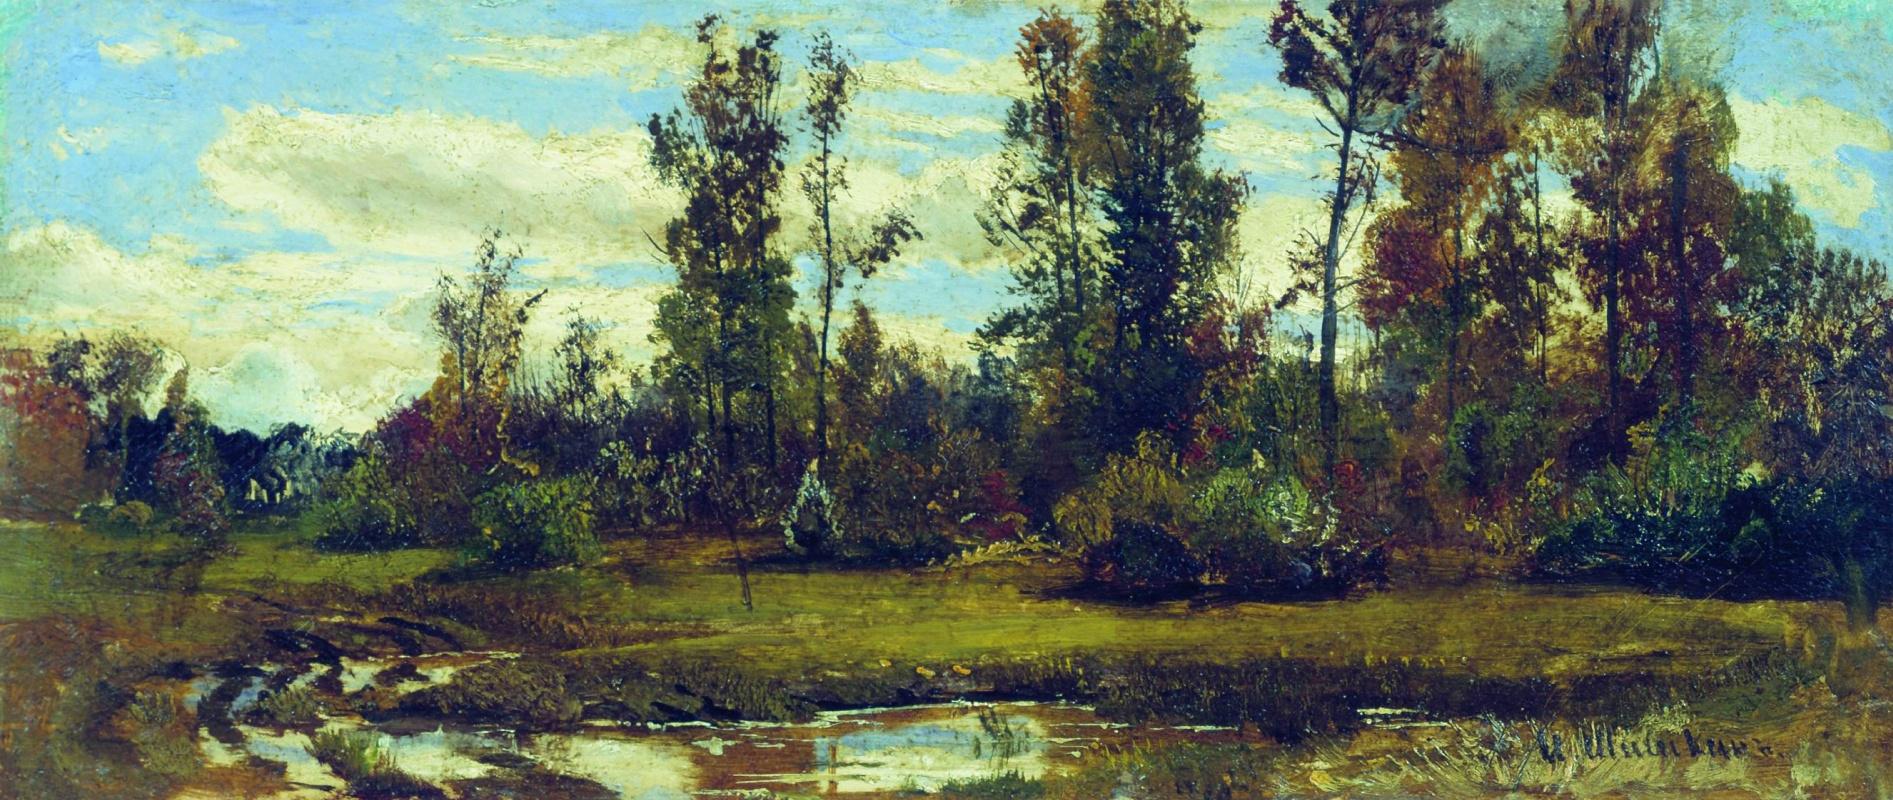 Иван Иванович Шишкин. Озеро в лесу